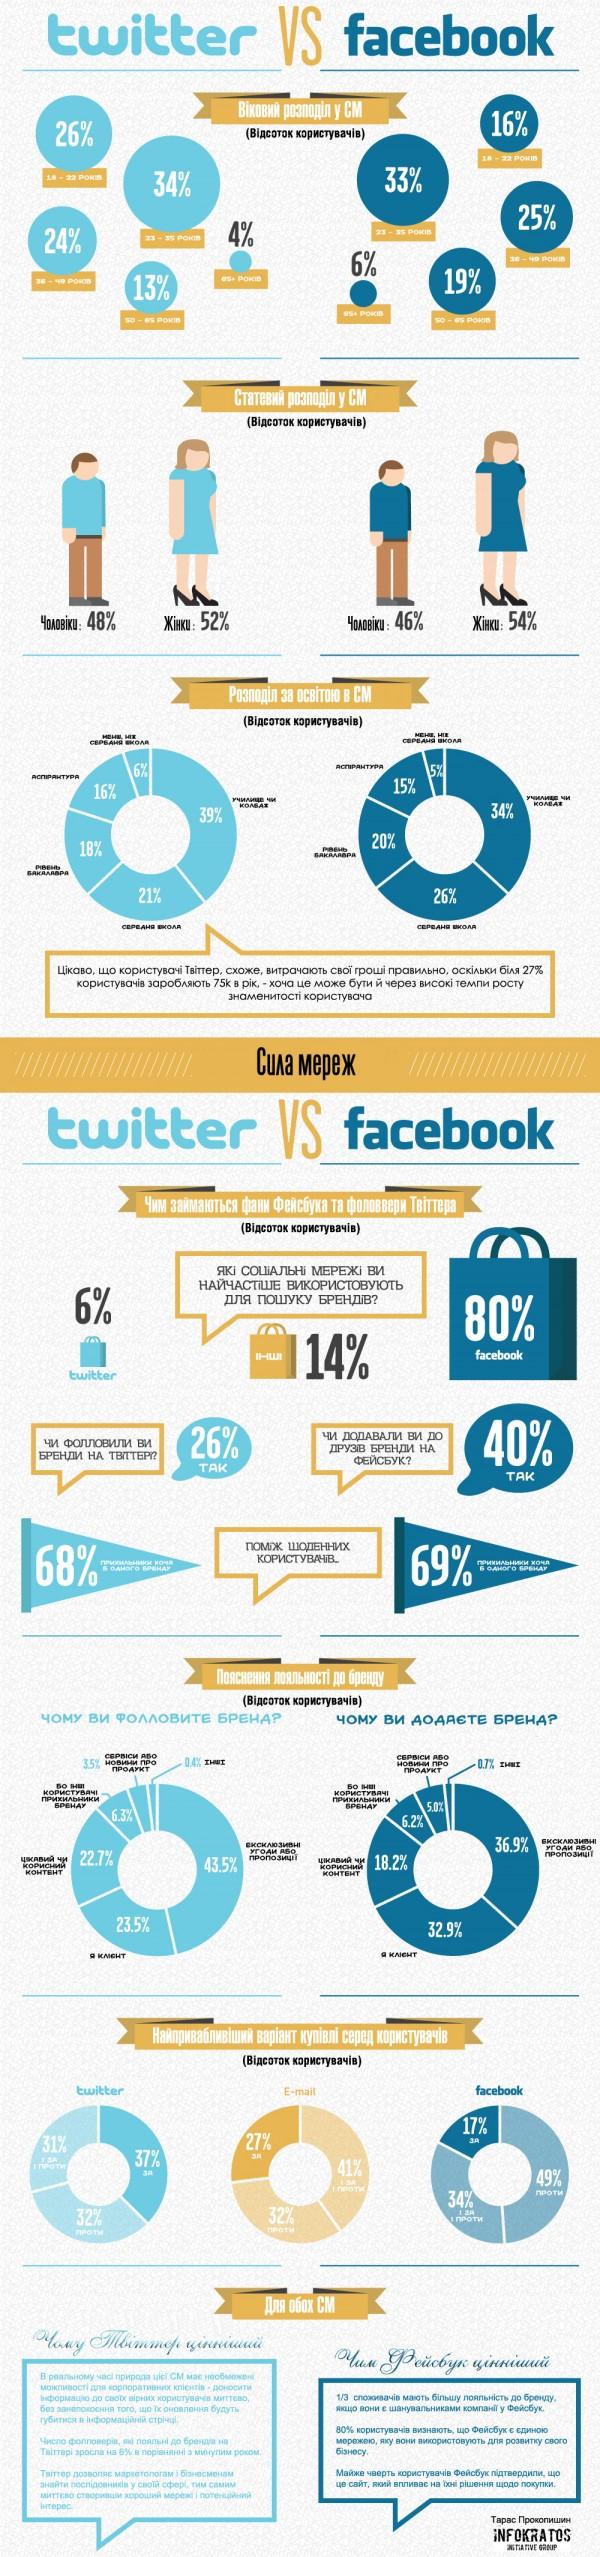 Twitter проти Facebook: інфографіка українською